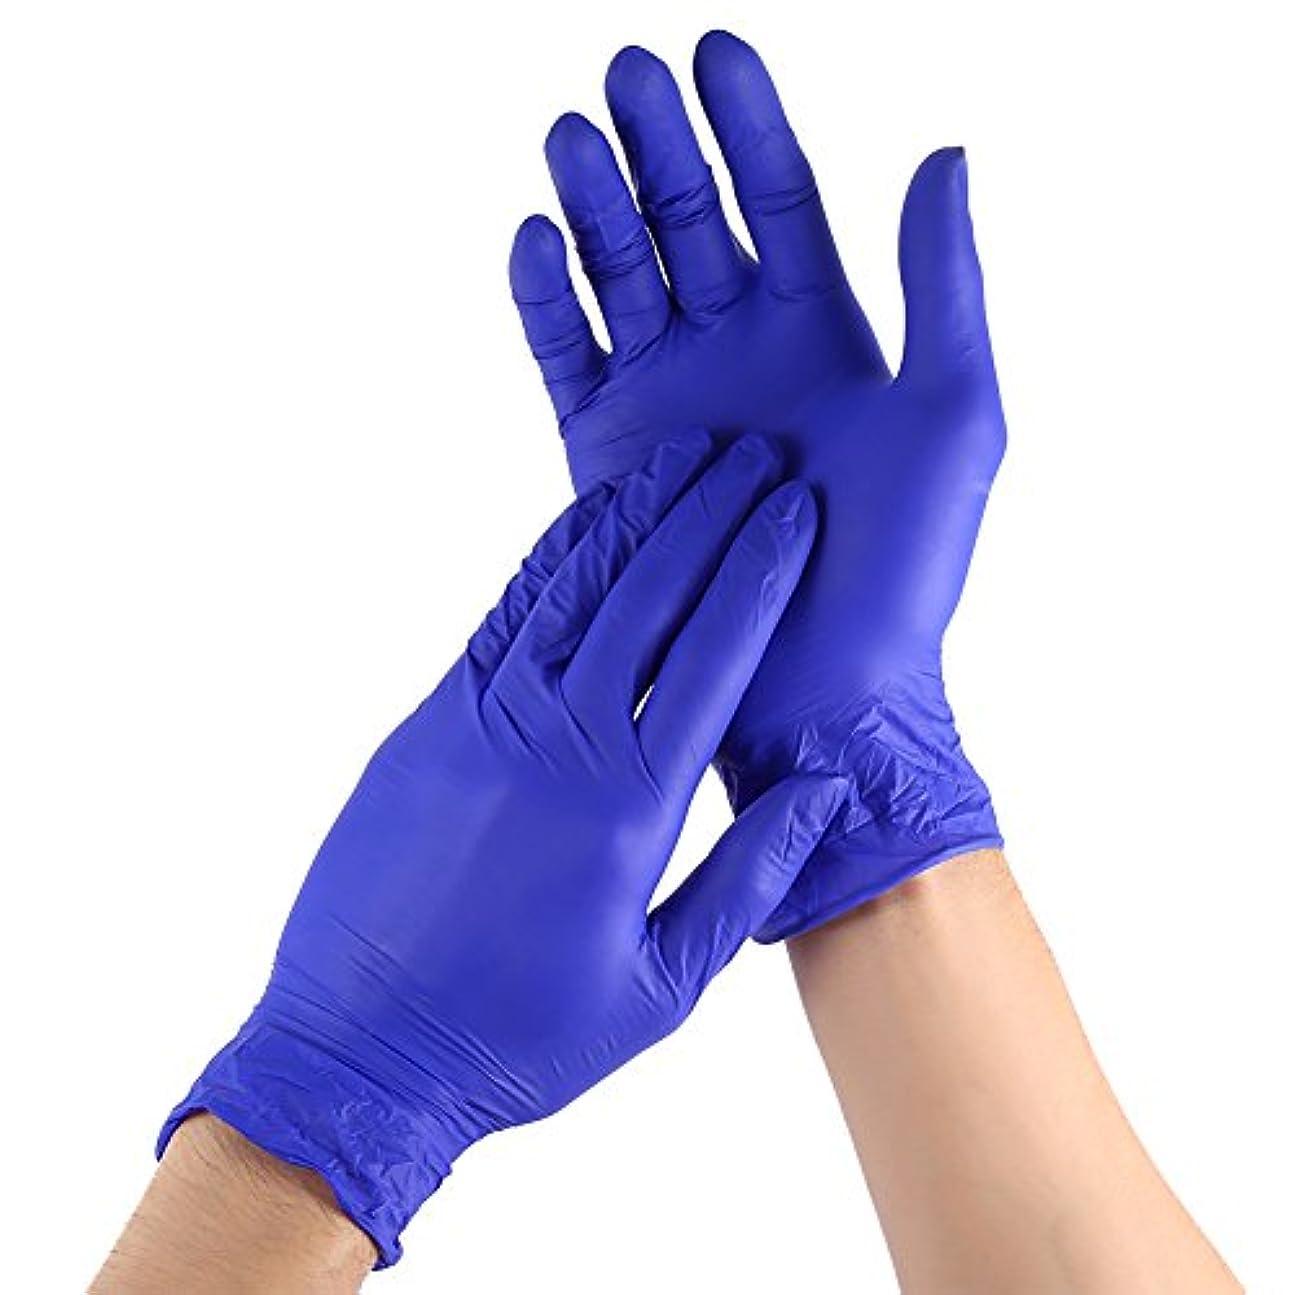 エンコミウム金銭的な革命的100枚セット 使い捨て手袋 ニトリルゴム手袋 薄い手袋 粉なし 手荒れ防止 メンズ レディース 左右兼用 伸縮性 三つサイズ選択可 作業用 家庭用 仕事 オフィス (S)